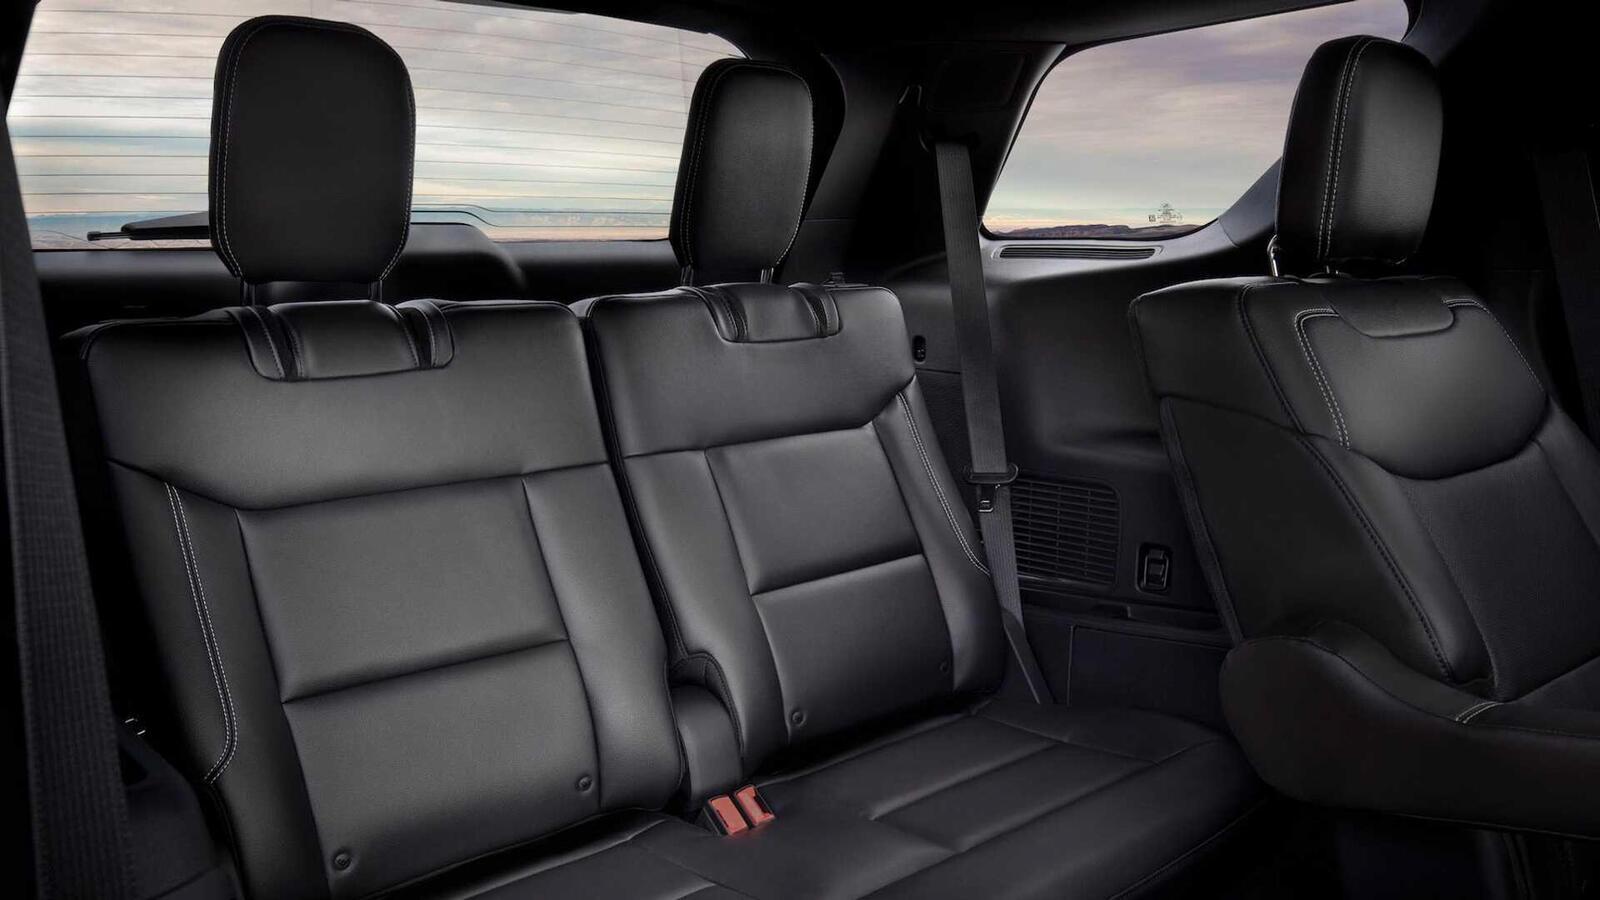 Ford Explorer 2020 thế hệ mới ra mắt; thiết kế mới và cải thiện khả năng vận hành - Hình 14